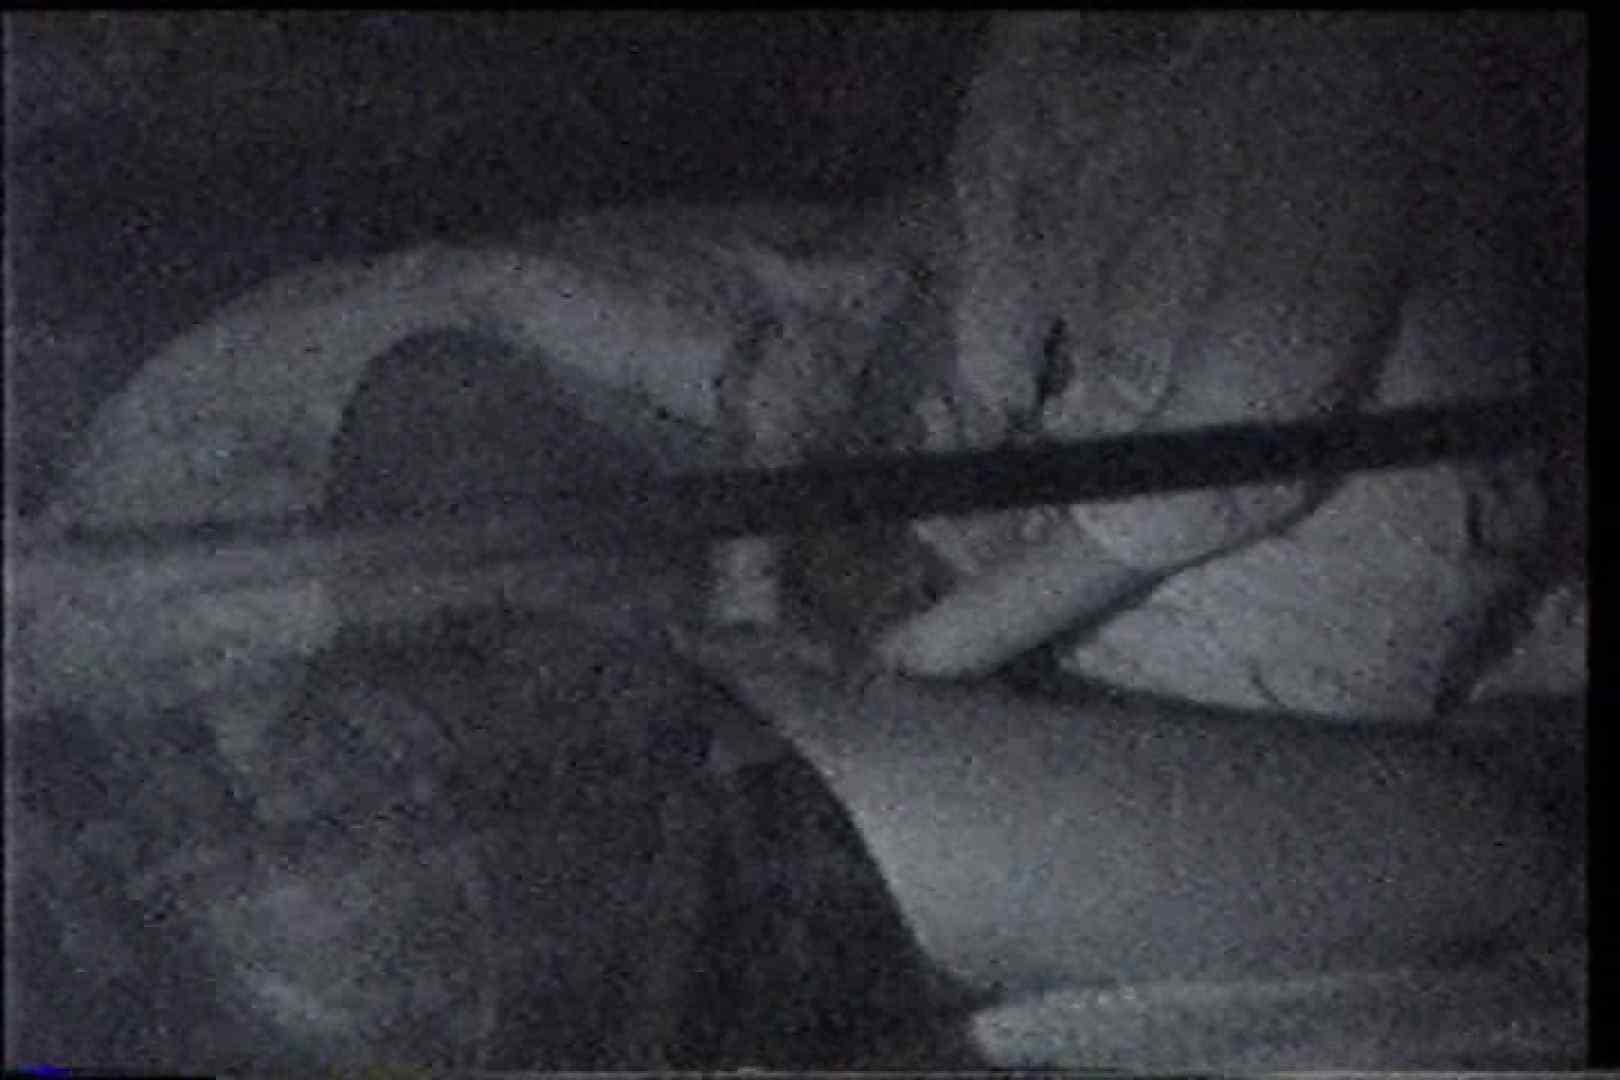 充血監督の深夜の運動会Vol.229 手マンエロ画像 盗み撮りAV無料動画キャプチャ 36PICs 33